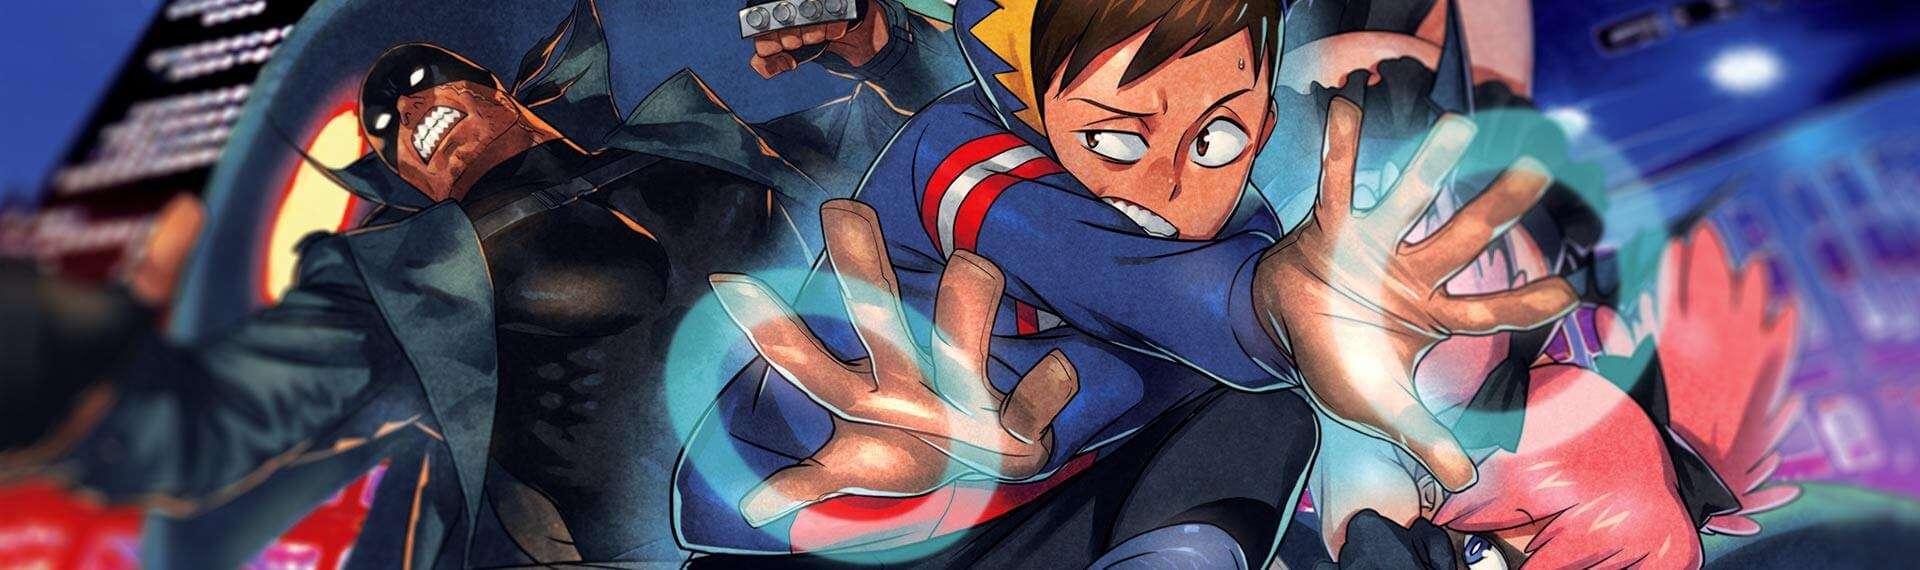 Capa Vigilantes, spin off My Hero Academia